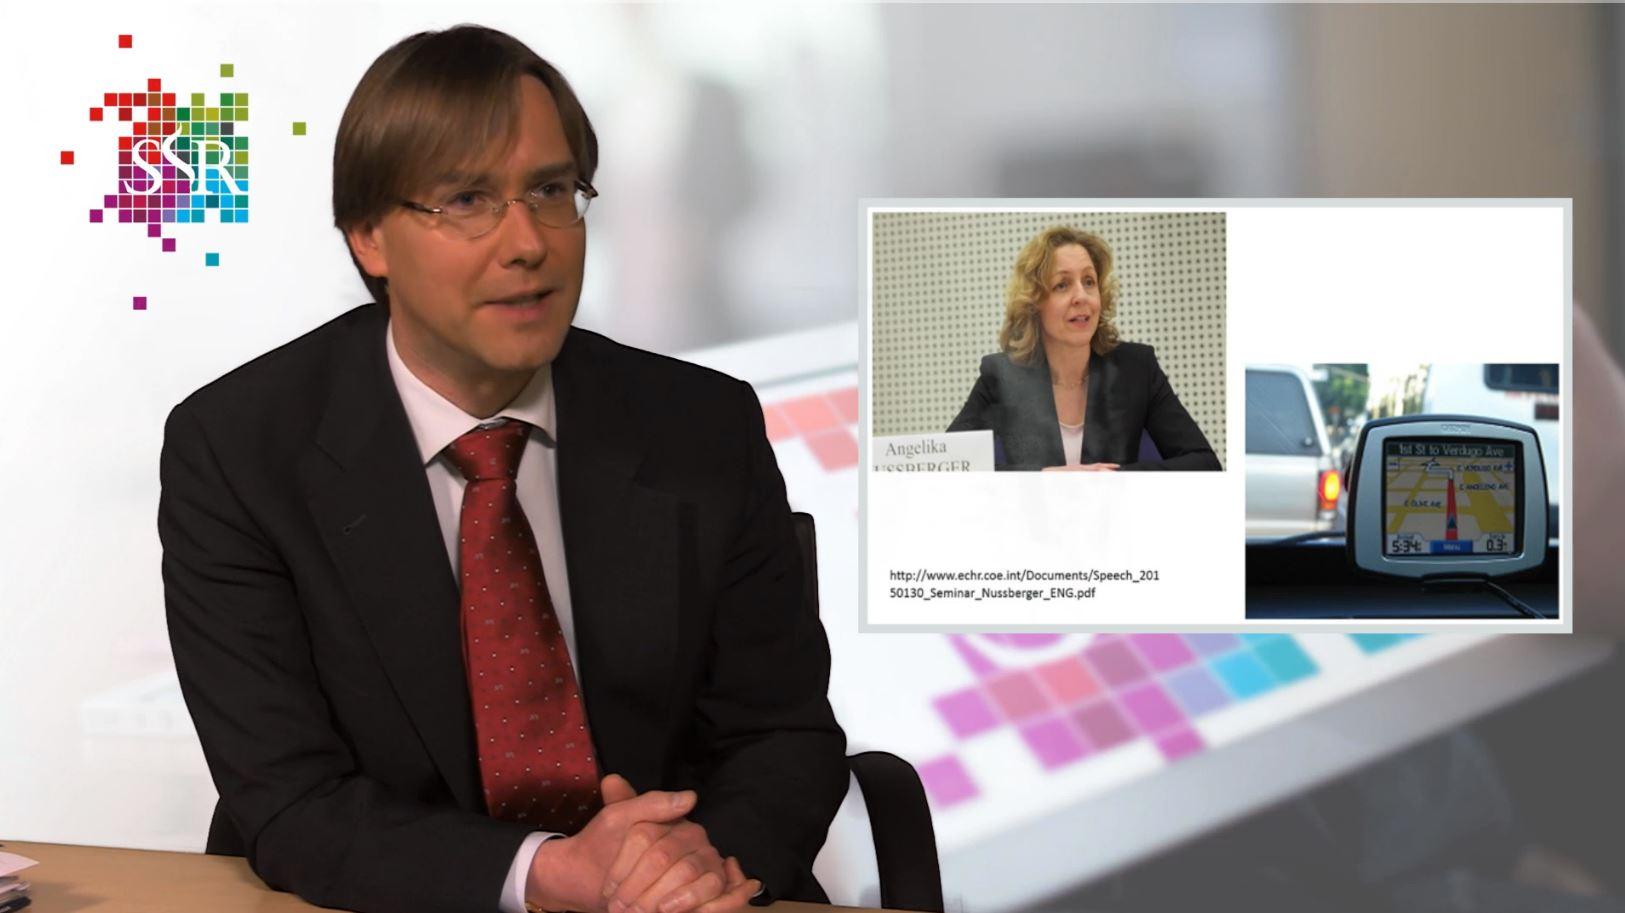 prof. dr. Martin Kuijer presenteert een webcollege